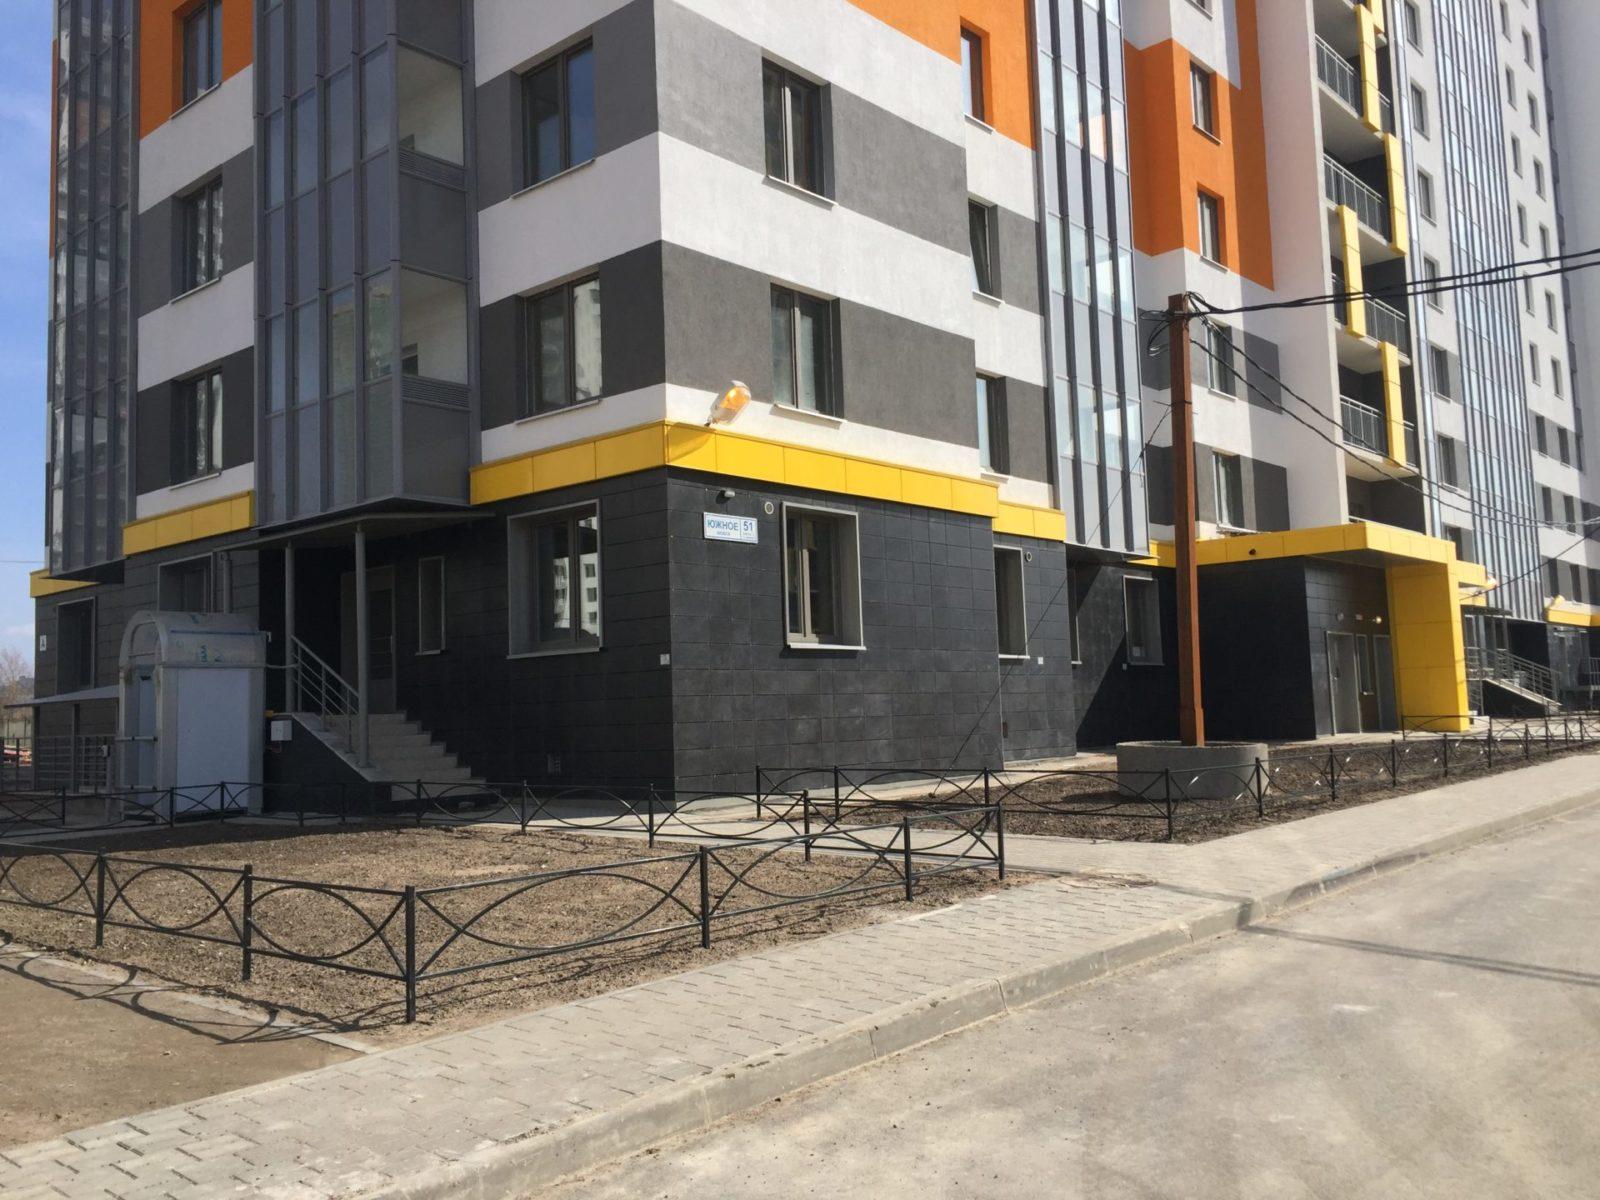 Устройство вентилируемых фасадов для ПАО «Группа ЛСР» в Петербурге